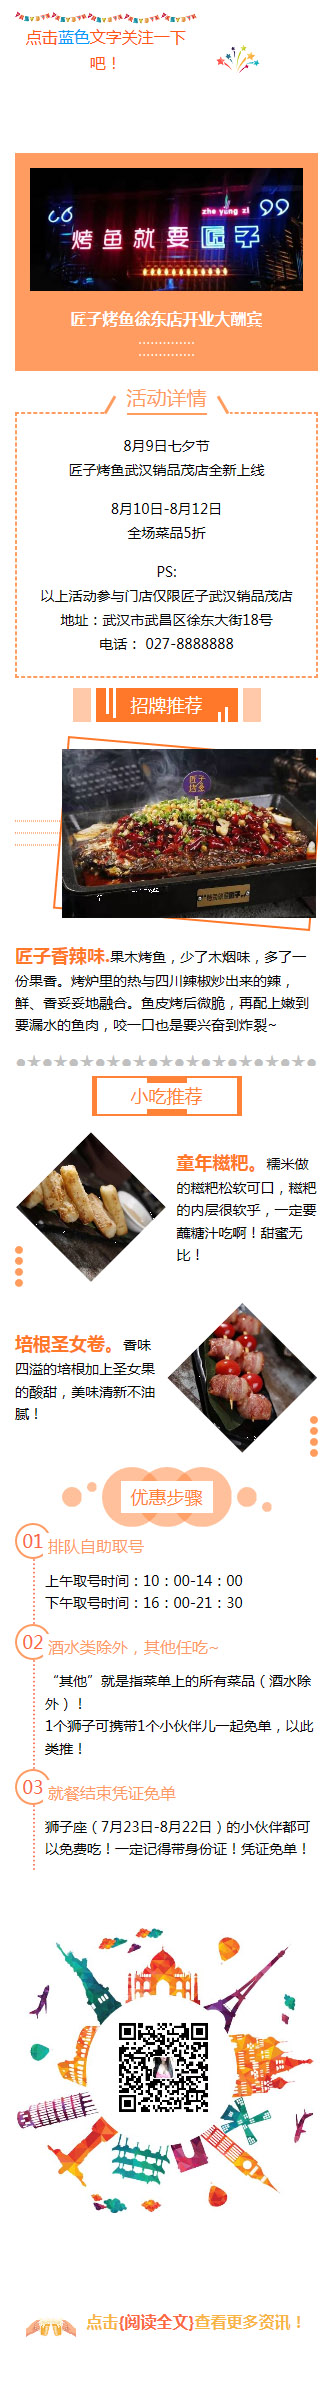 新店开业广告宣传推广美食餐饮模板